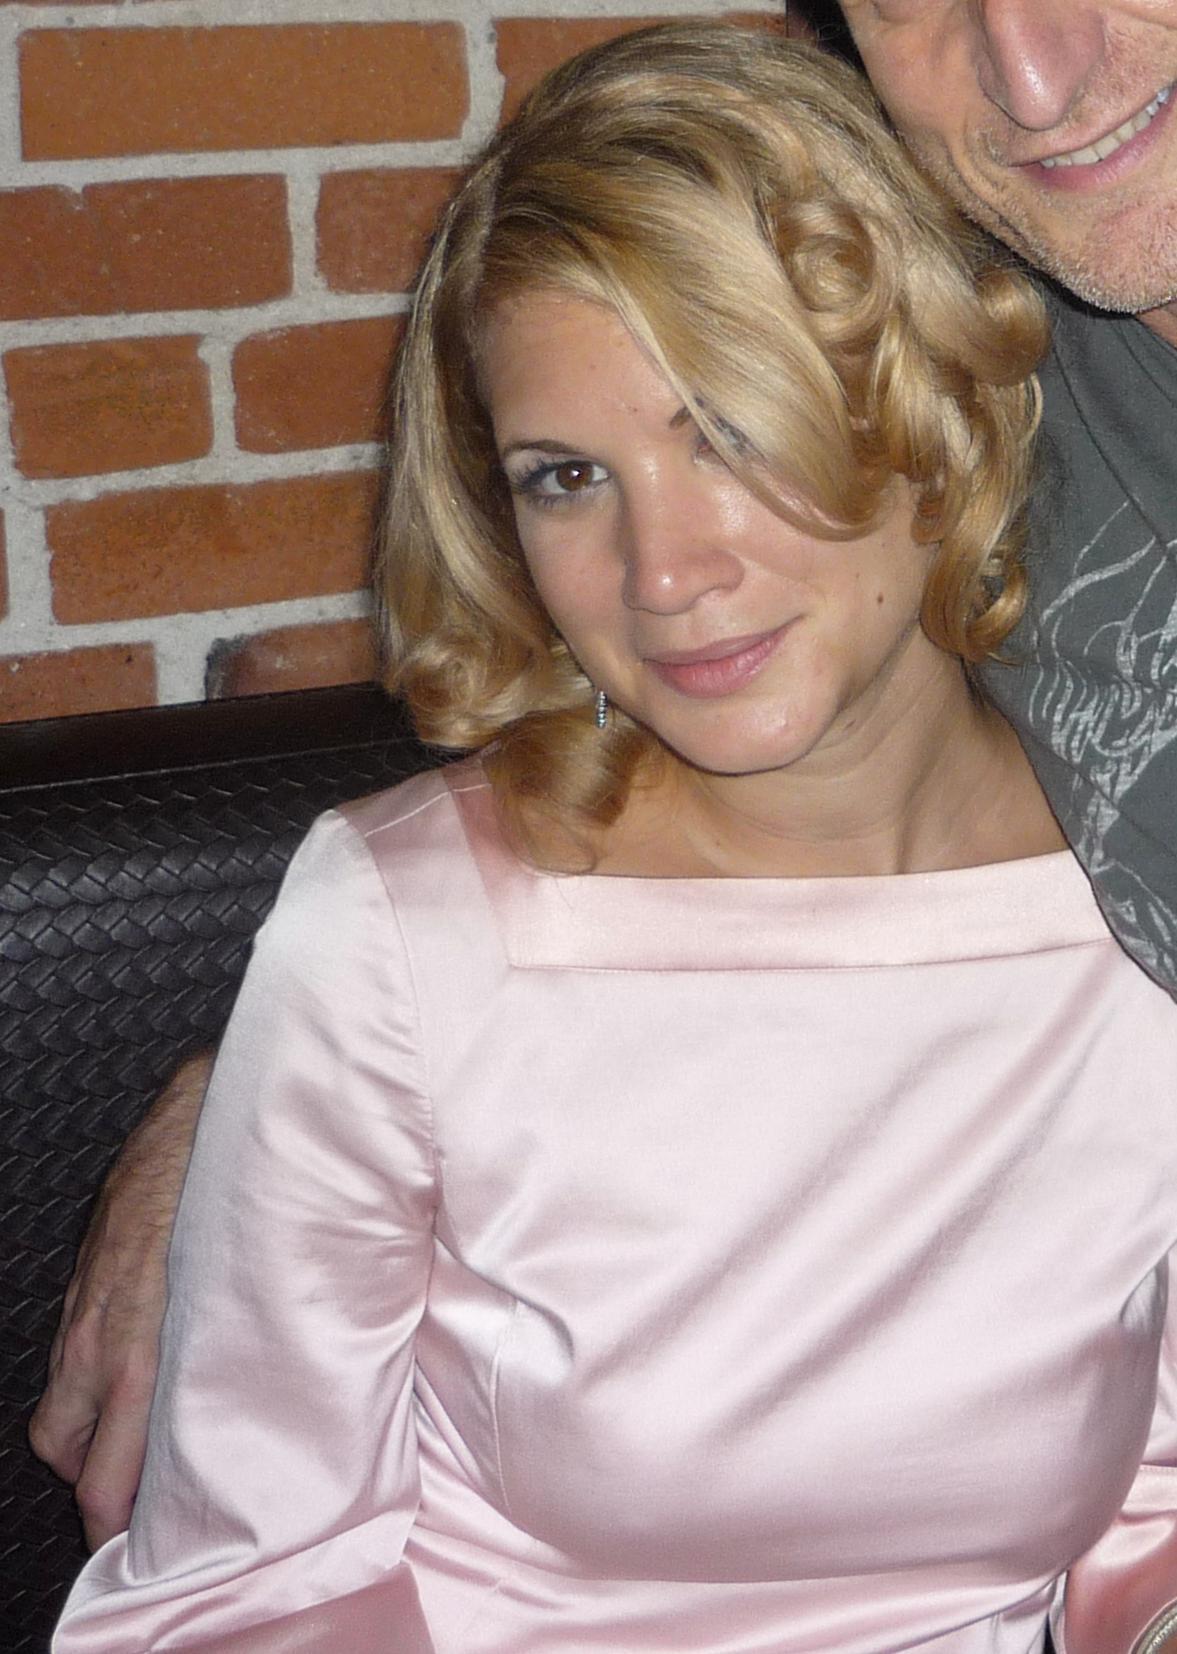 Rebekah Kochan